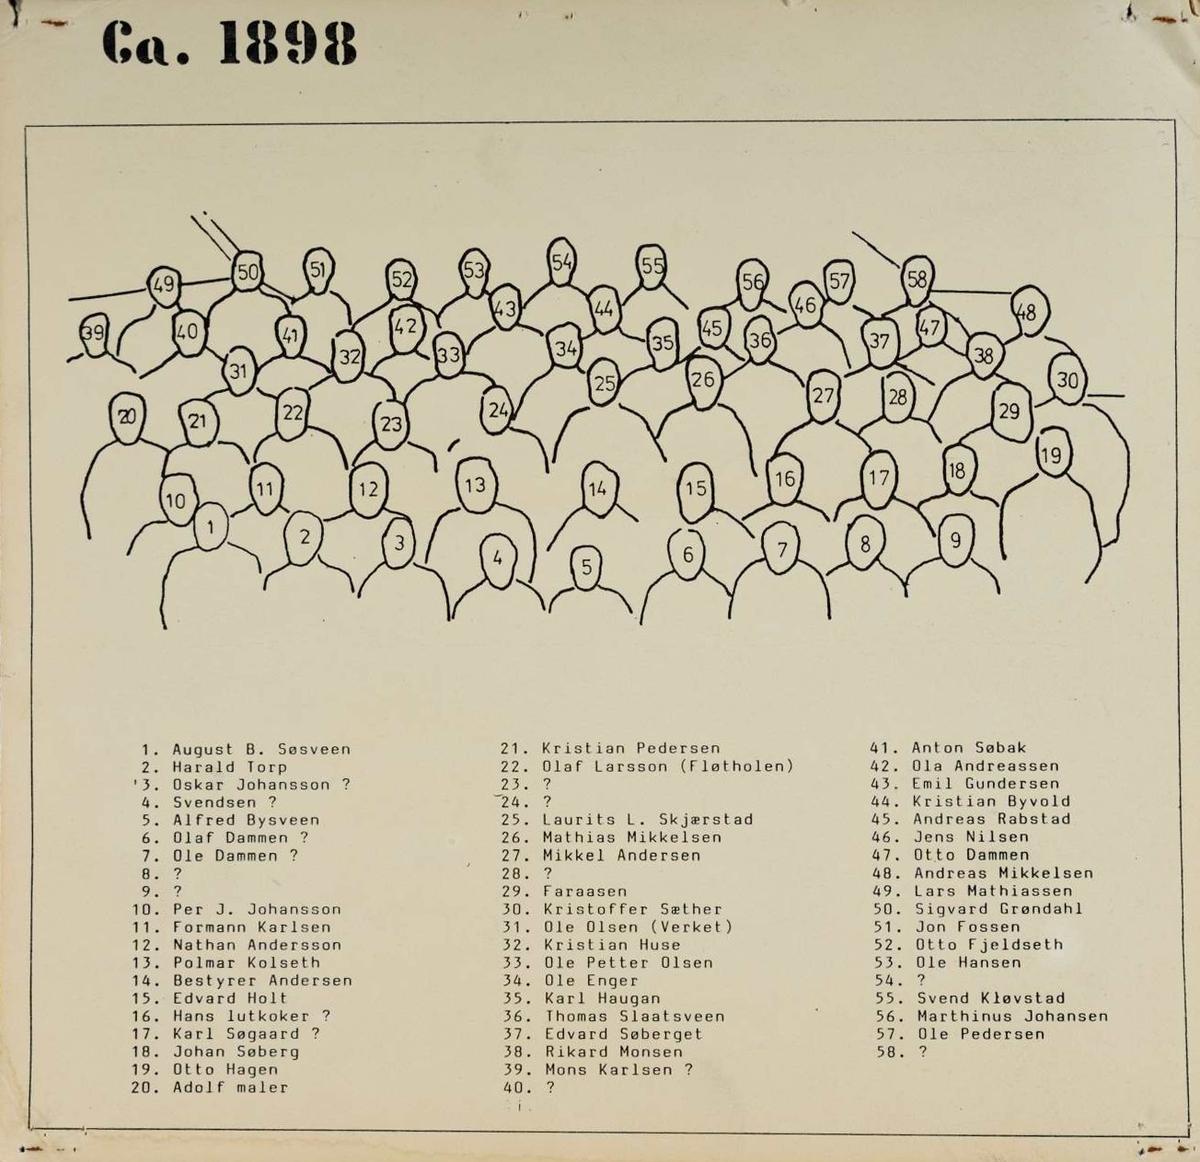 """GR: 58, ARBEIDERE, KLEVFOS PAPIRFABRIKK, KLEVFOS CELLULOSE &PAPIRFABRIK A/S, ÅDALSBRUK, FORAN GAMLE FARIKKEN, Se Lautin 1977 side 58. 1 REKKE F. V. AUGUST B. SØSVEEN, HARALD TORP, OSKAR JOHANSON?, SVENDSEN?, ALFRED BYSVEEN, OLAF DAMMEN?, OLE DAMMEN?, UKJENT, UKJENT. 2. REKKE. F. V. PER J. JOHANSSON, FORMANN KARLSEN, NATHAN ANDERSSON, POLMAR KOLSETH, BESTYRER ANDERSEN, EDVARD HOLT, HANS """"LUTKOKER""""?, KARL SØGAARD?, JOHAN SØBERG, OTTO HAGEN. 3 REKKE F. V. ADOLF """"MALER"""", KRISTIAN PEDERSEN, OLAF LARSSON, UKJENT, UKJENT, LAURITS L. SKJÆRSTAD, MATHIAS MIKKELSEN, MIKKEL ANDERSEN, UKJENT, FARAASEN, KRISTOFFER SÆTHER. 4. REKKE F. V. OLE OLSEN, KRISTIAN HUSE, OLE PETTER OLSEN, OLE ENGER, KARL HAUGAN, THOMAS SLAATSVEEN, EDVARD SØBERGET, RIKARD MONSEN. 5 REKKE F. V MONS KARLSEN?, UKJENT, ANTON SØBAK, OLA ANDREASSEN, EMIL GUNDERSEN, KRISTIAN BYVOLD, ANDRAES RABSTAD, JENS NILSEN, OTTO DAMMEN, ANDREAS MIKKELSEN. 6 REKKE F. V. LARS MATHIASSEN, SIGVARD GRØNDAHL, JON FOSSEN, OTTO FJELDSETH, OLE HANSEN, UKJENT, SVEND KLØVSTAD, MARTHINIUS JOHANSEN, OLE PEDERSEN, UKJENT Løten."""